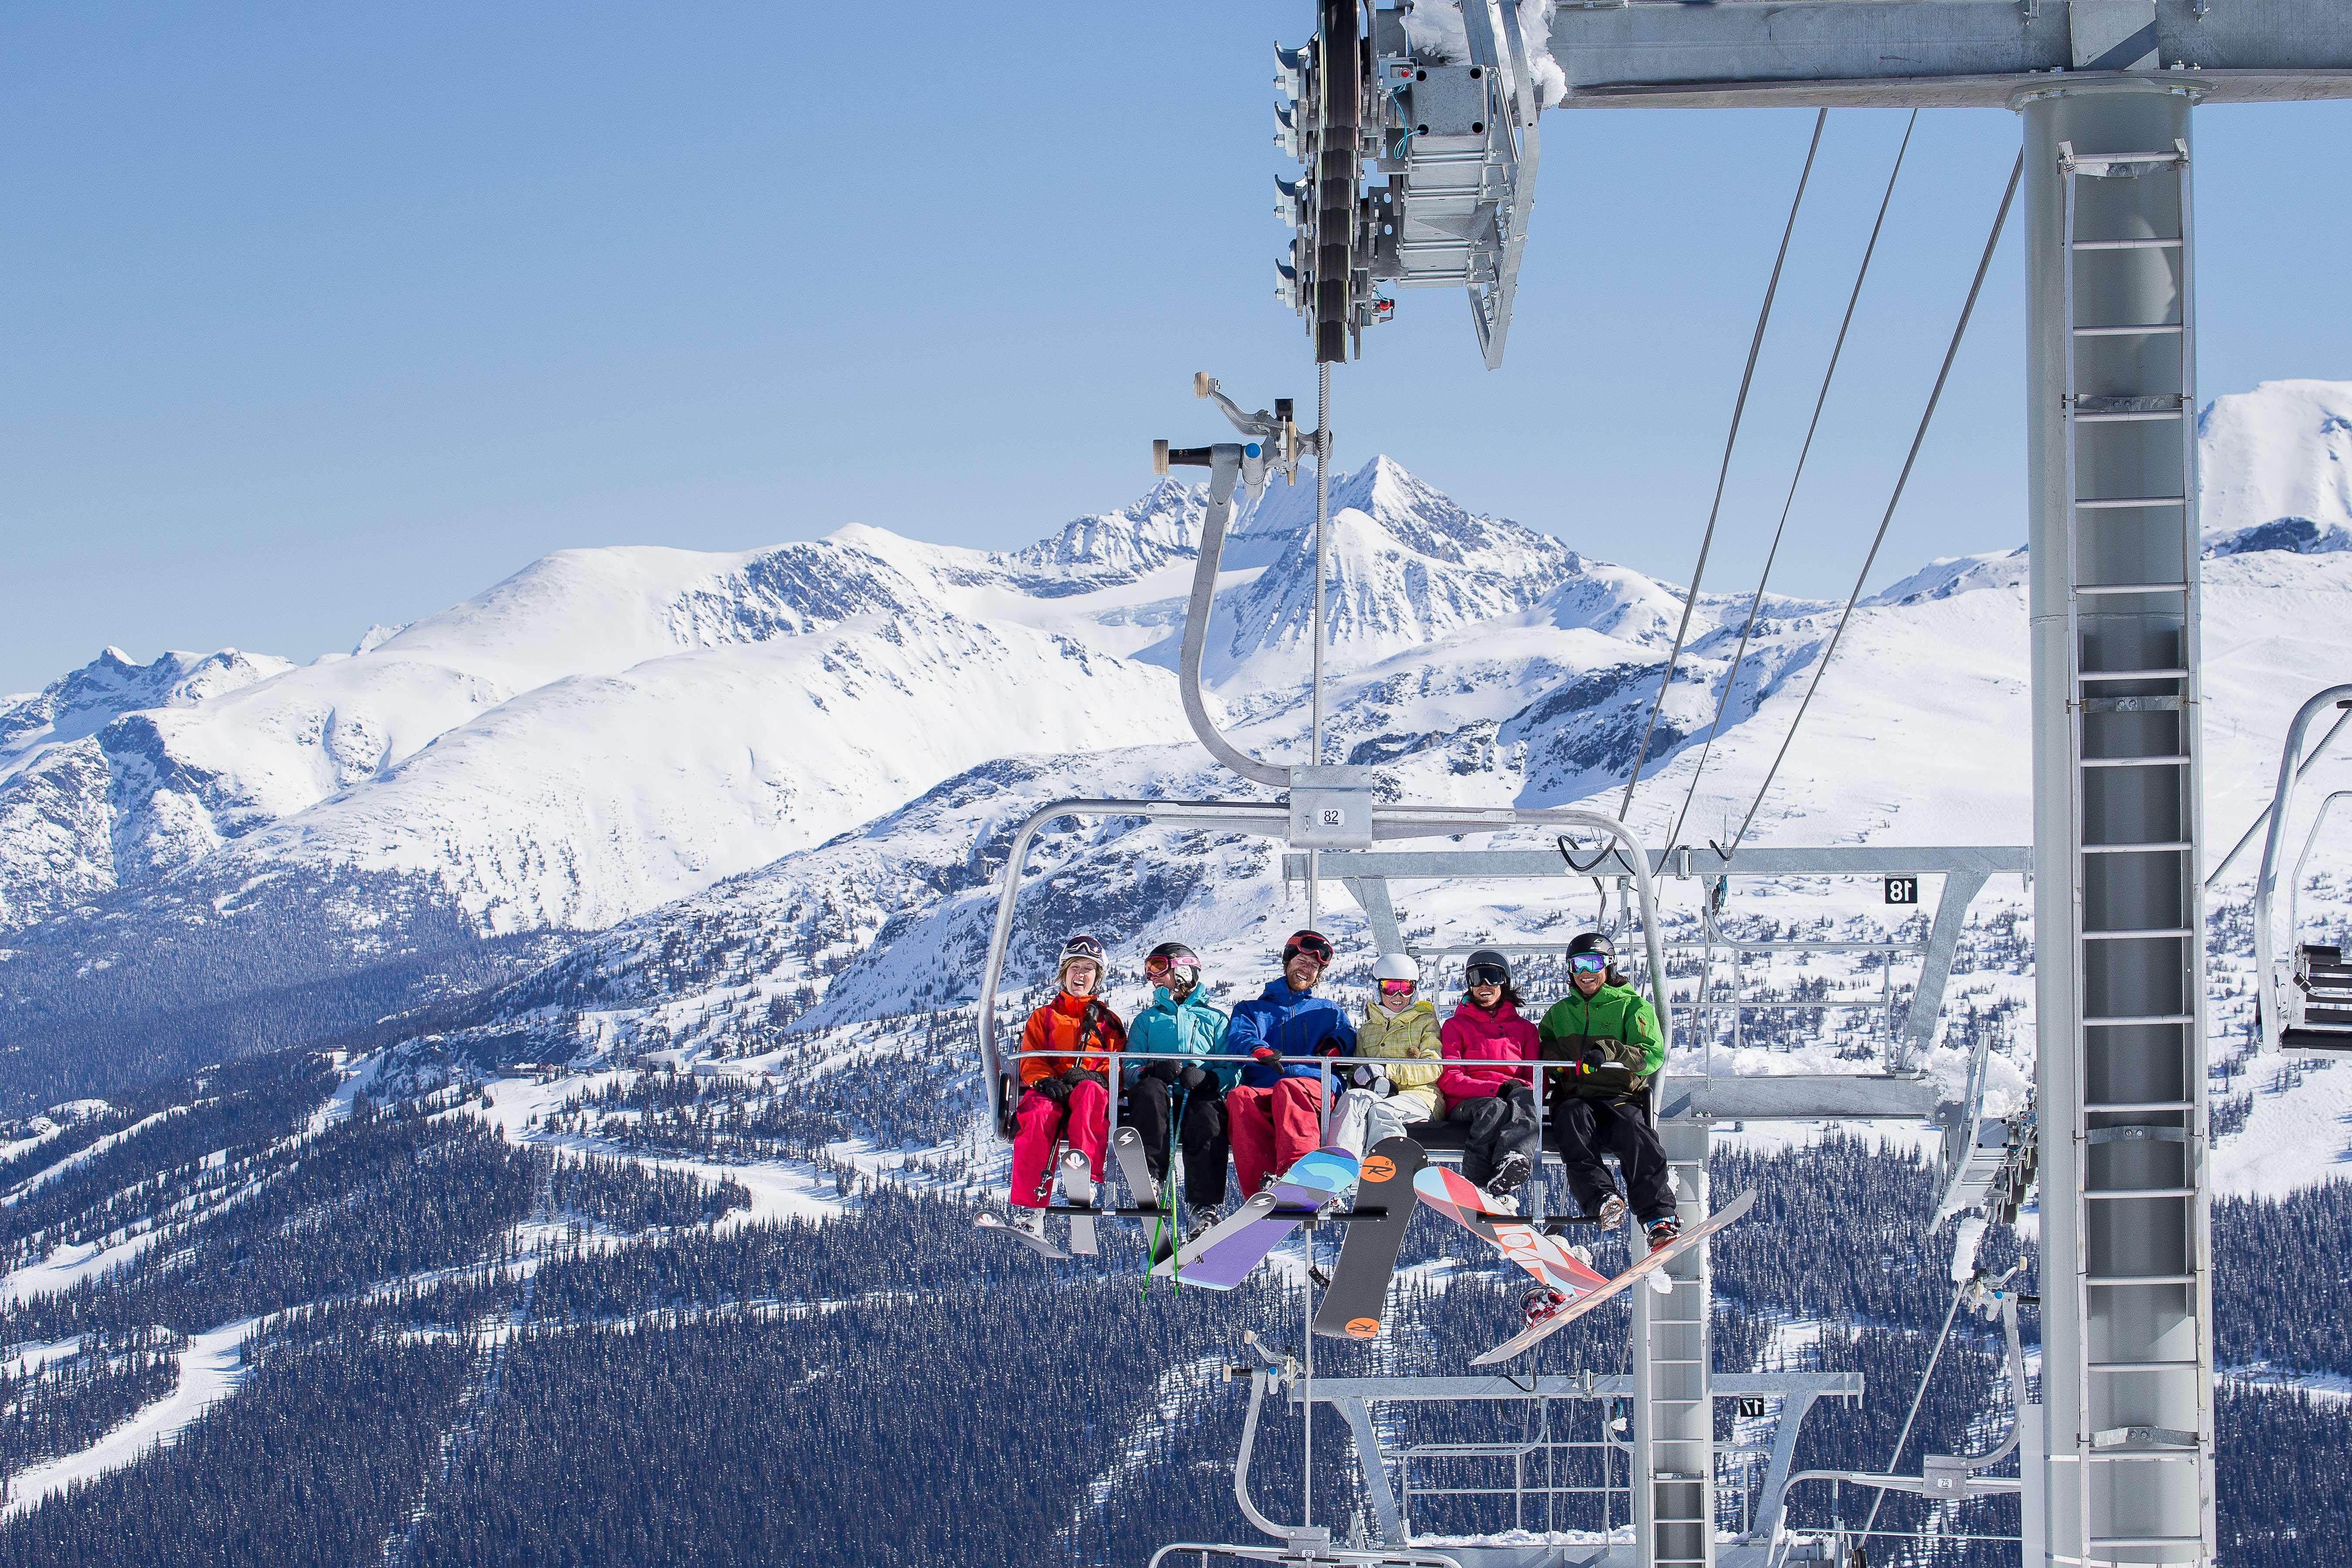 Letné lyžiarske stredisko na ľadovci Whistler, Kanada